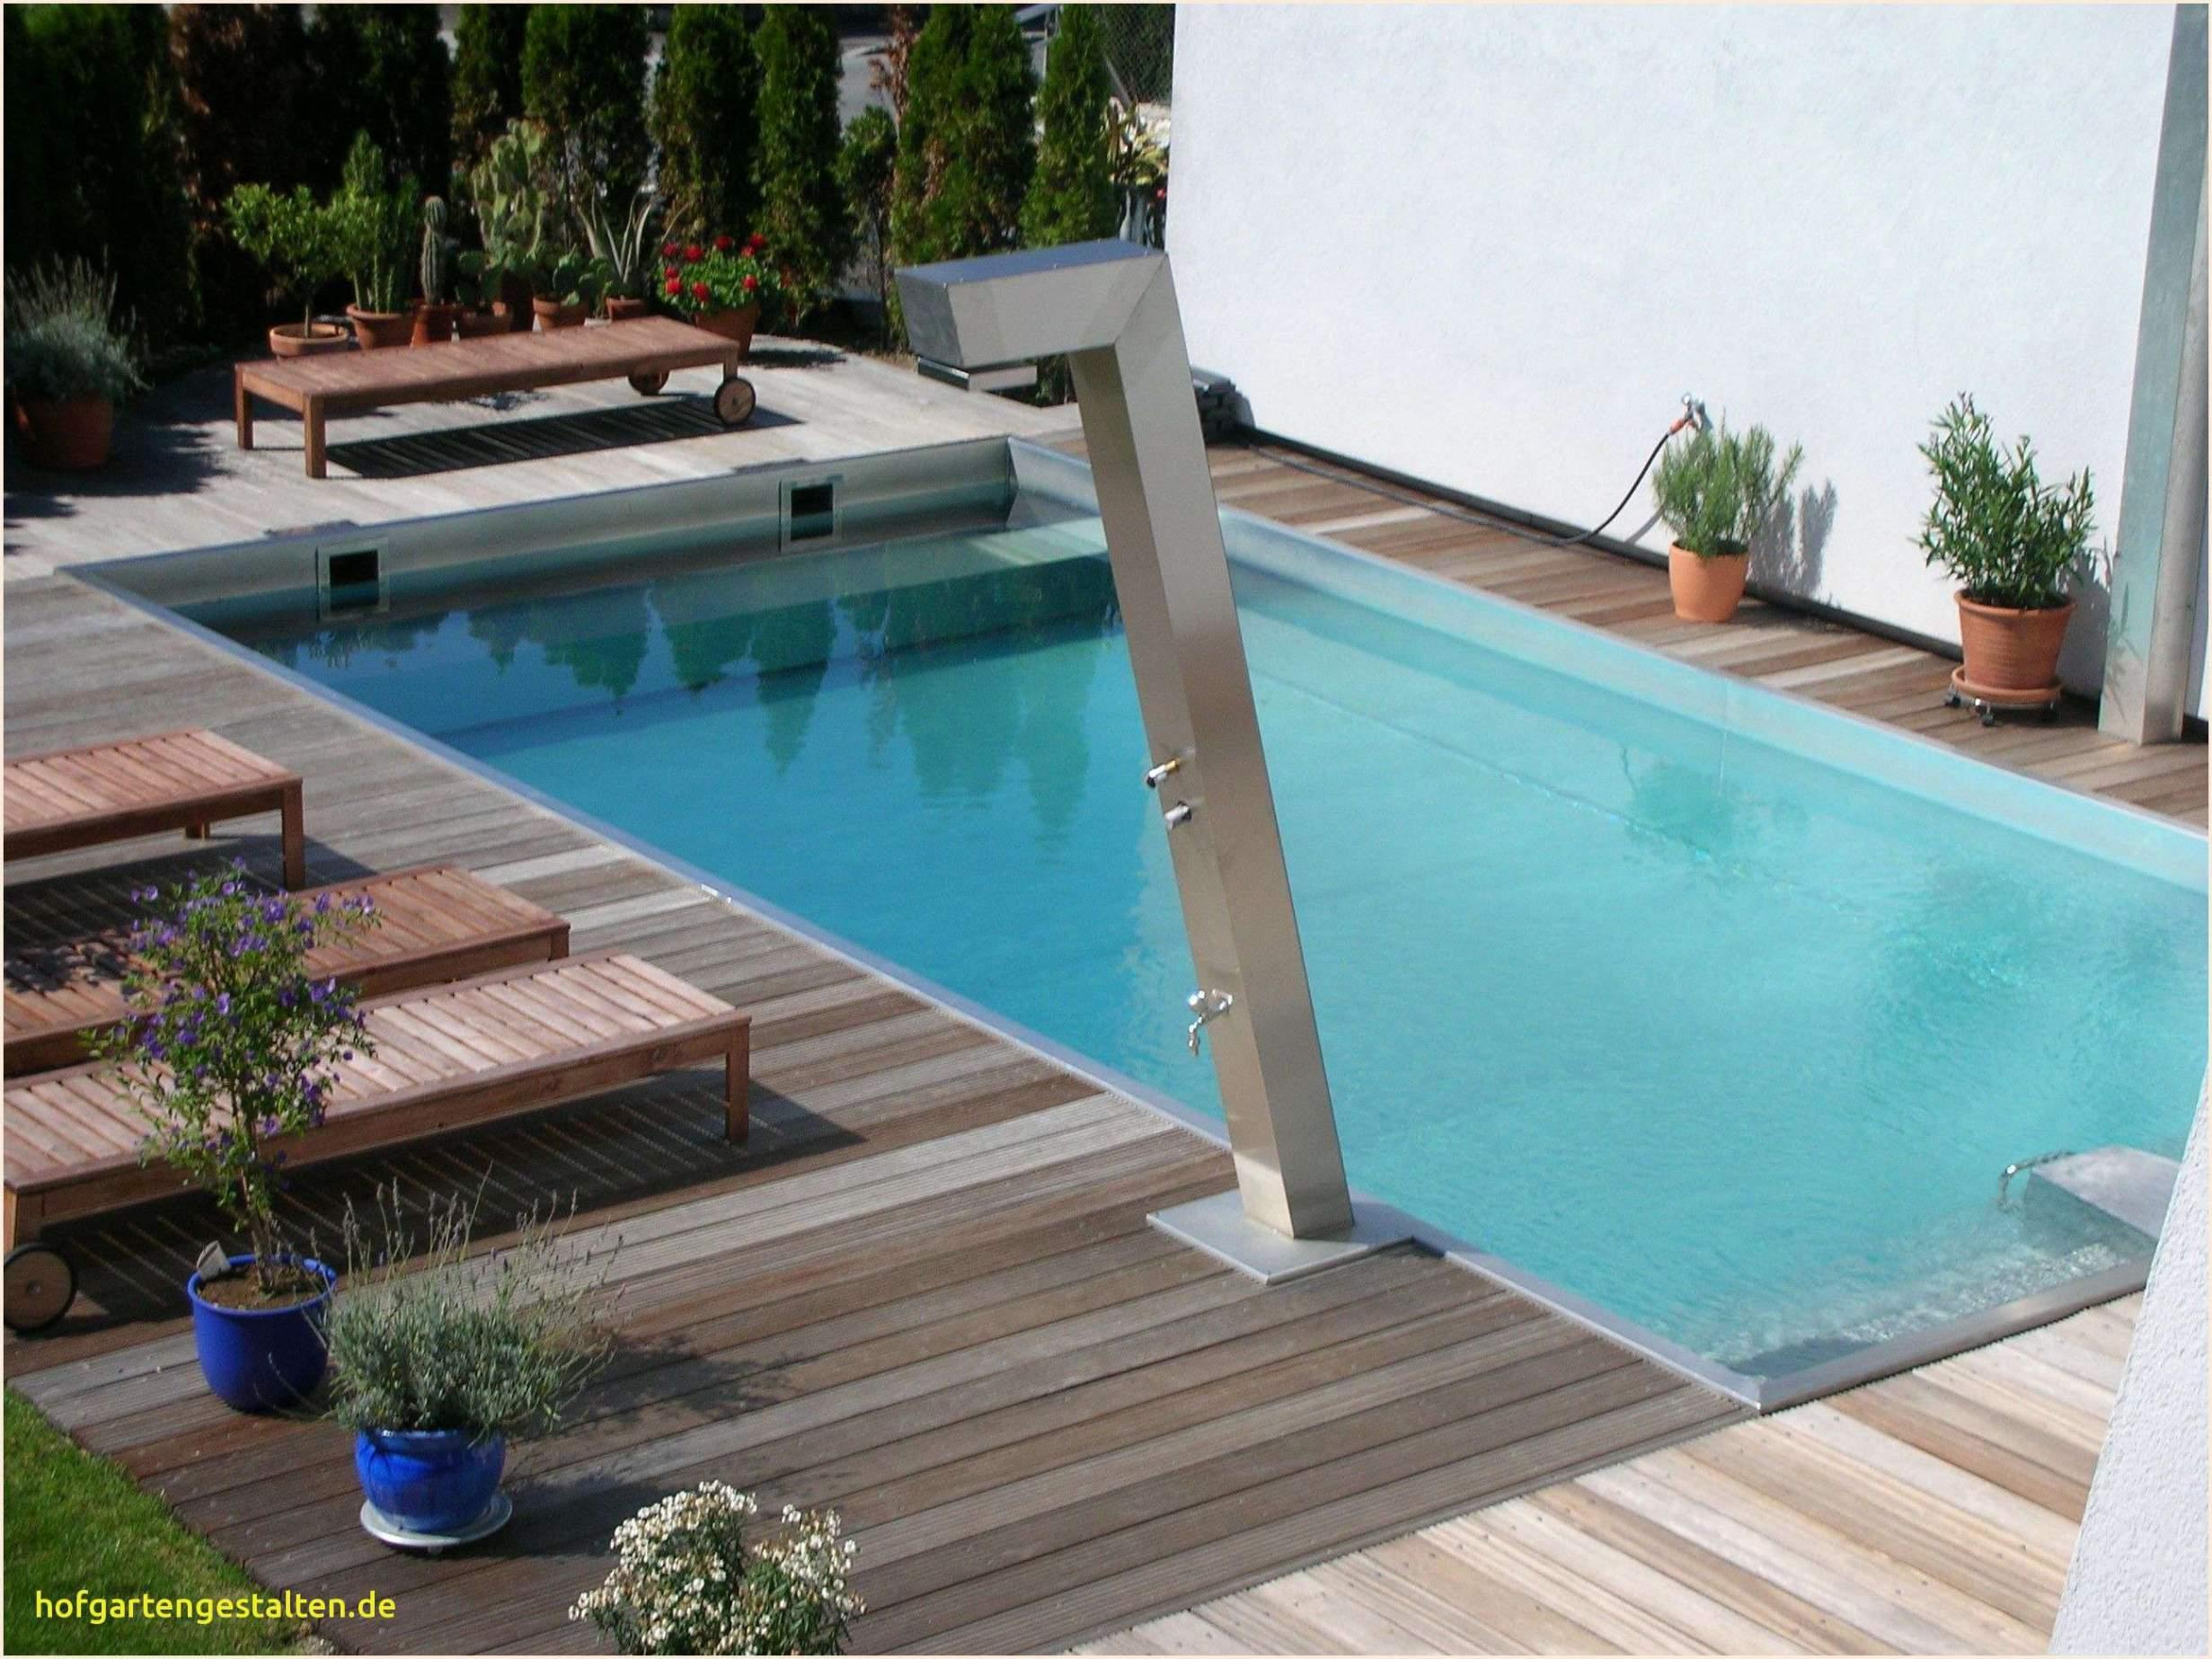 swimmingpool im garten reizend 40 neu swimming pool garten swimming pool leipzig swimming pool leipzig